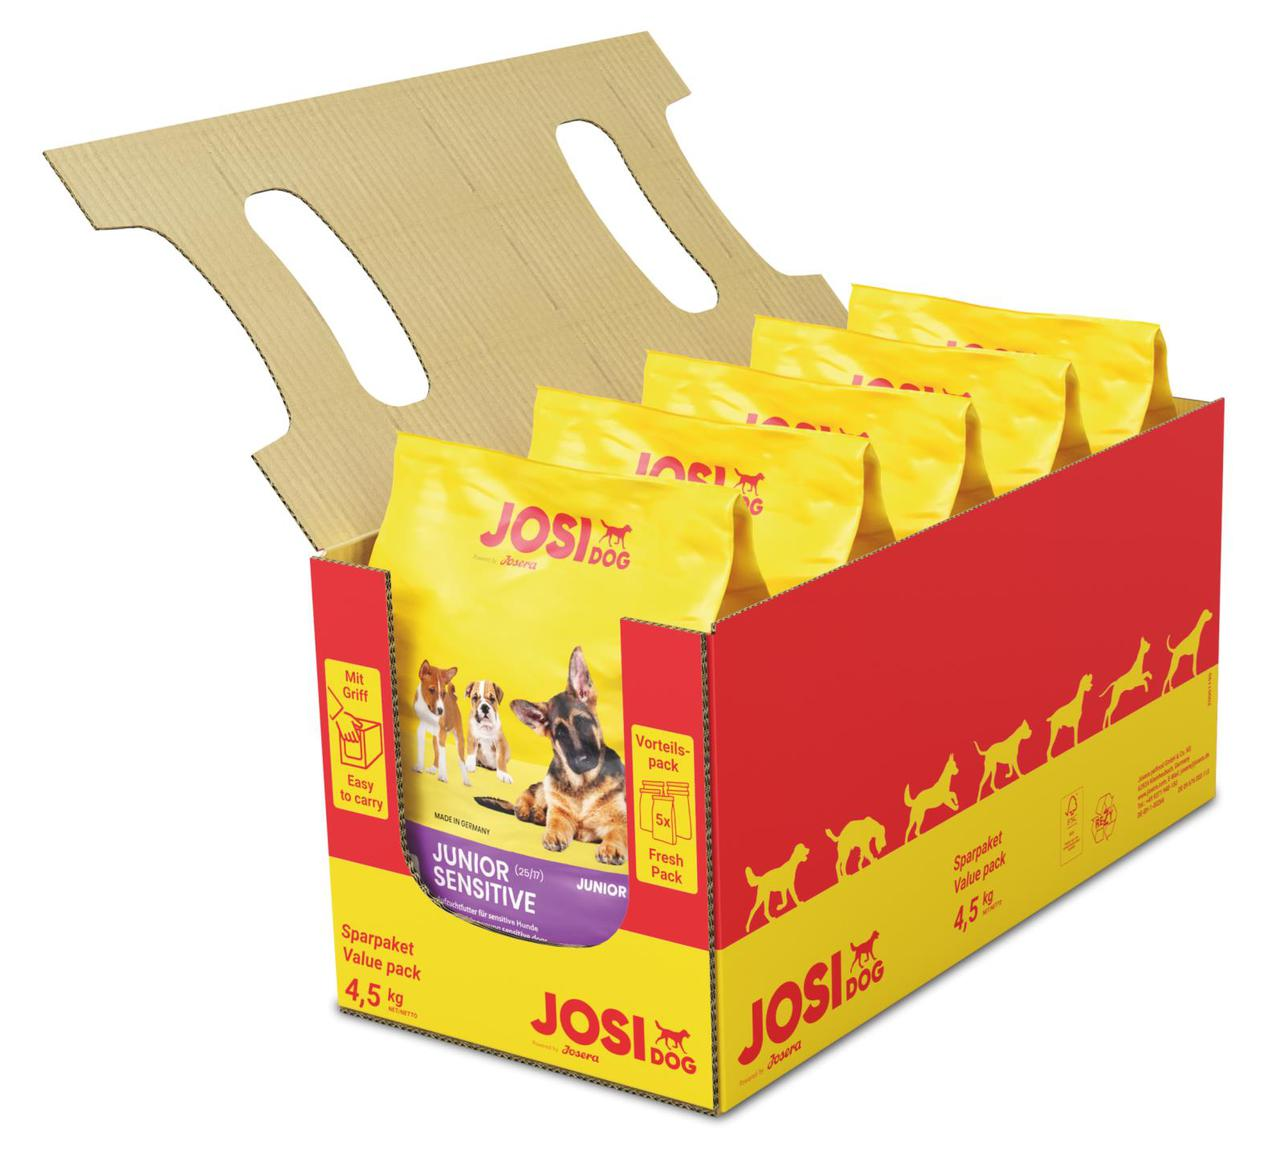 Josera JosiDog Junior Sensitive 4.5 кг сухой корм для щенков всех пород от 2 месяцев